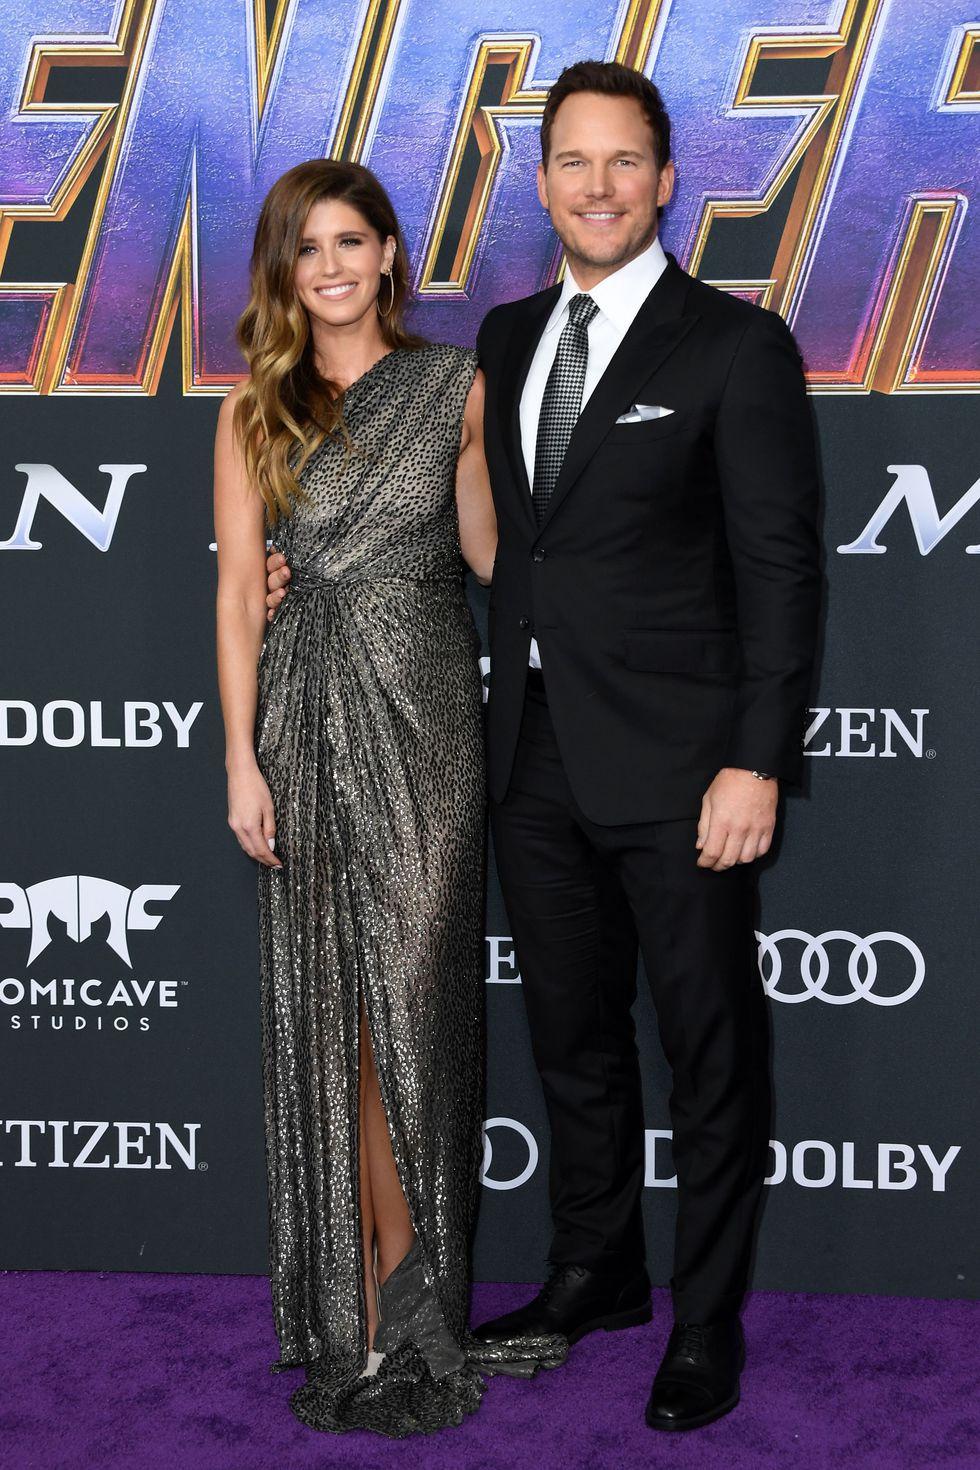 《復仇者4》首映全員紅毯照曝光!雷神索爾「精緻西裝細節」讓網友暴動:誇張